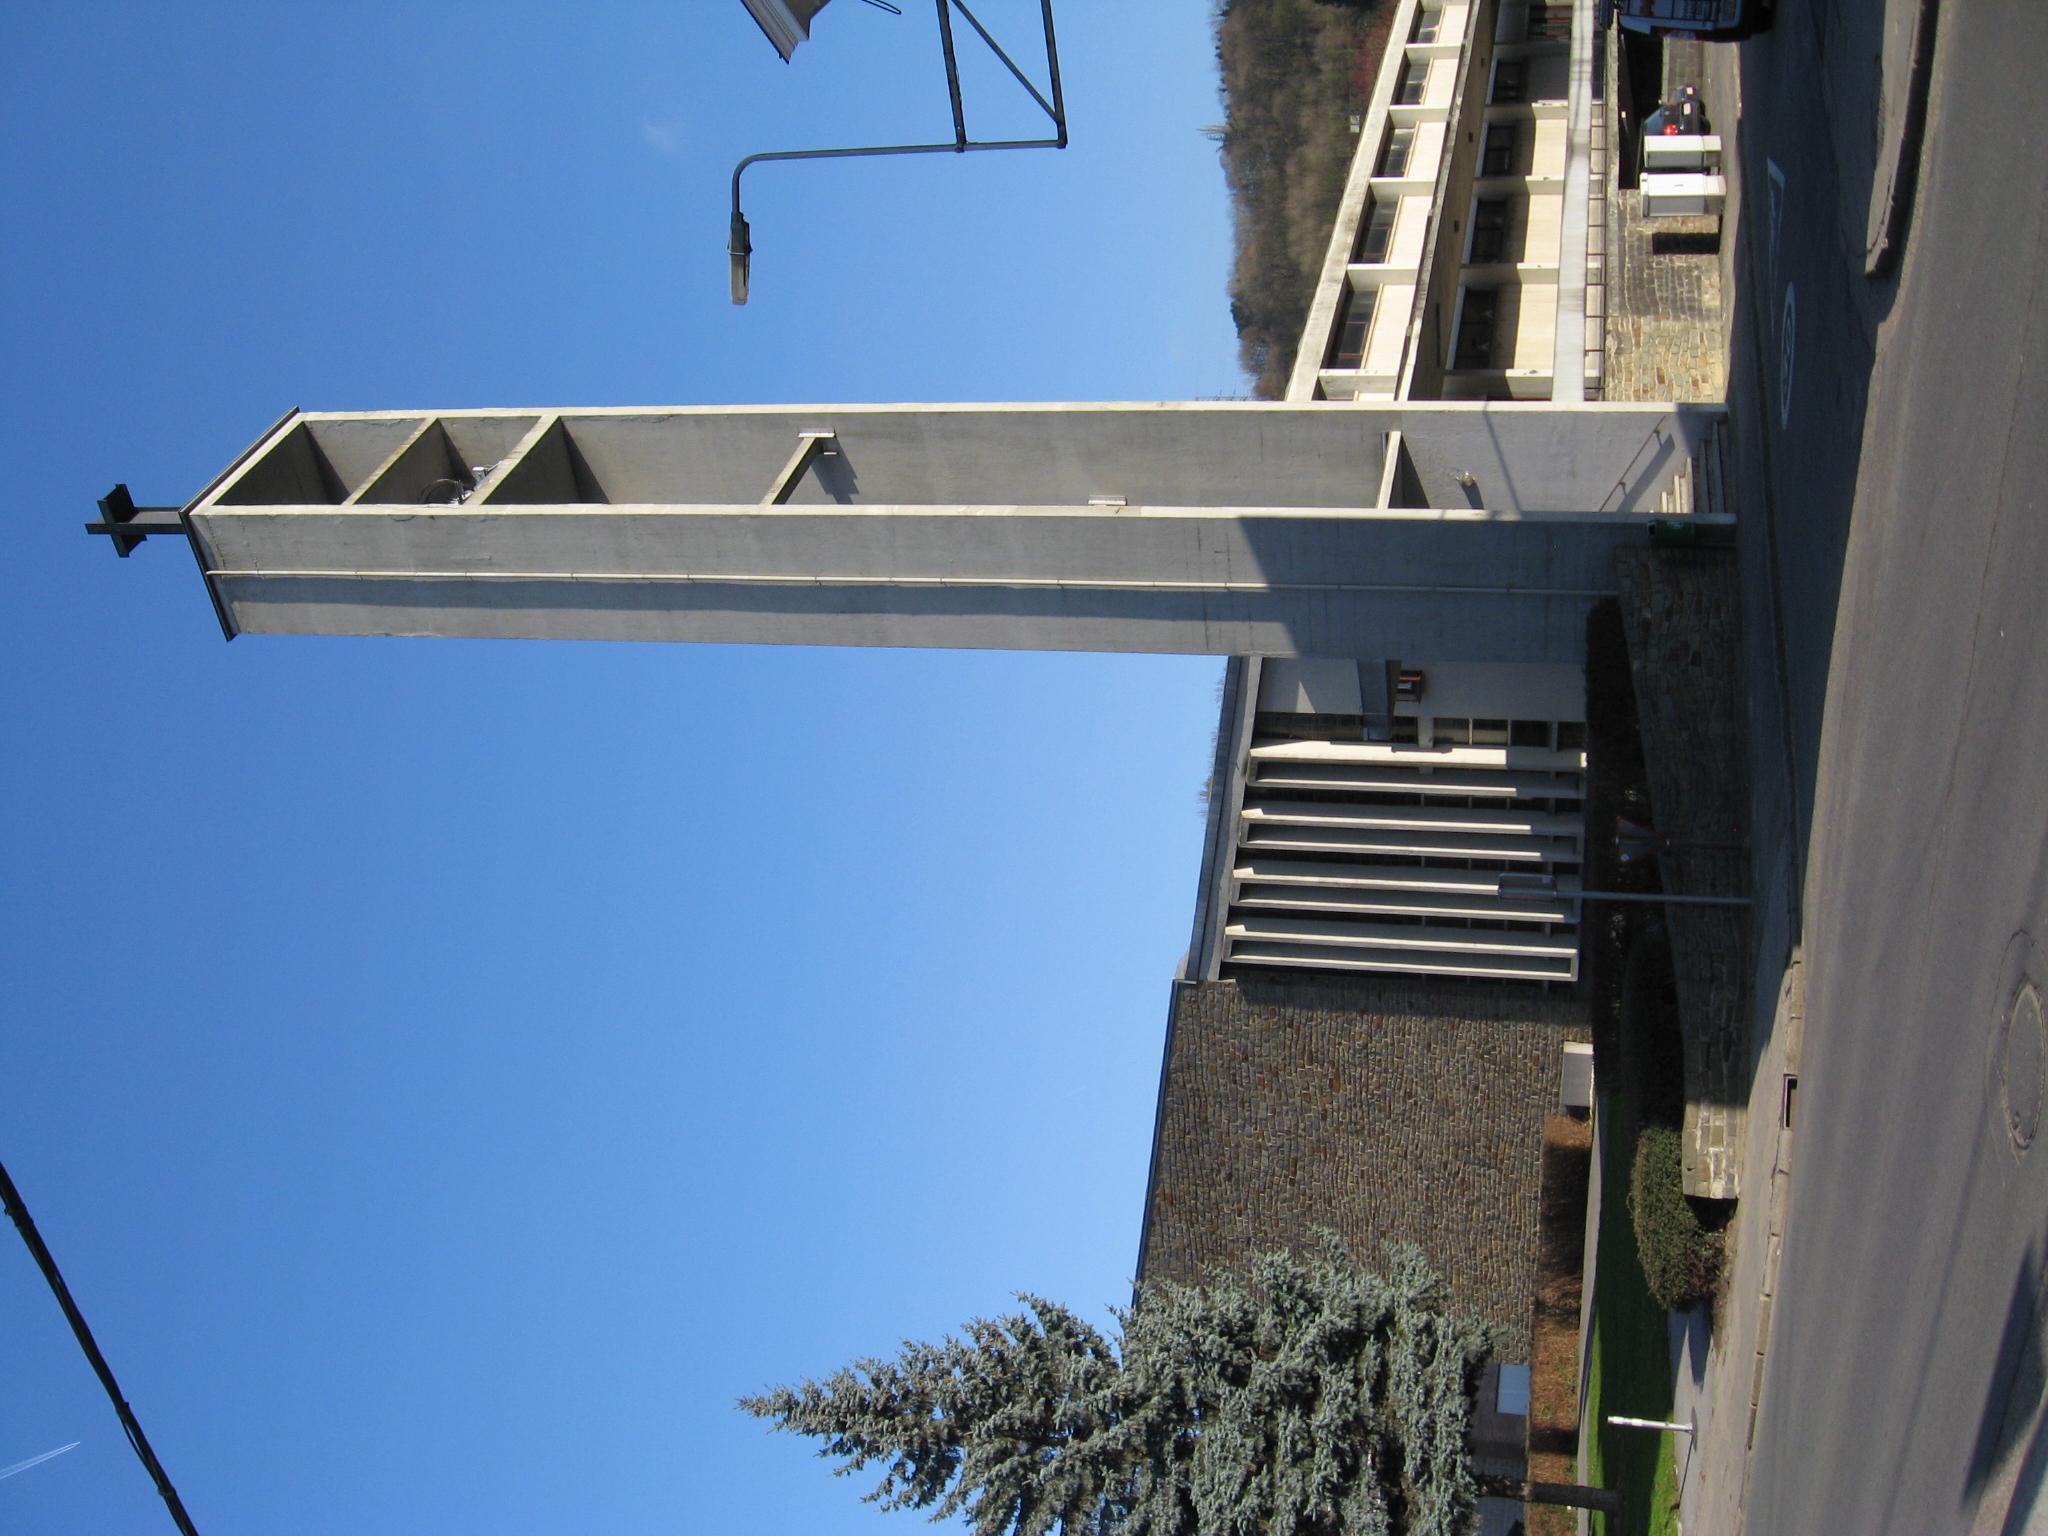 Filevaux Sous Chèvremont Eglise Sainte Vierge Mariejpg